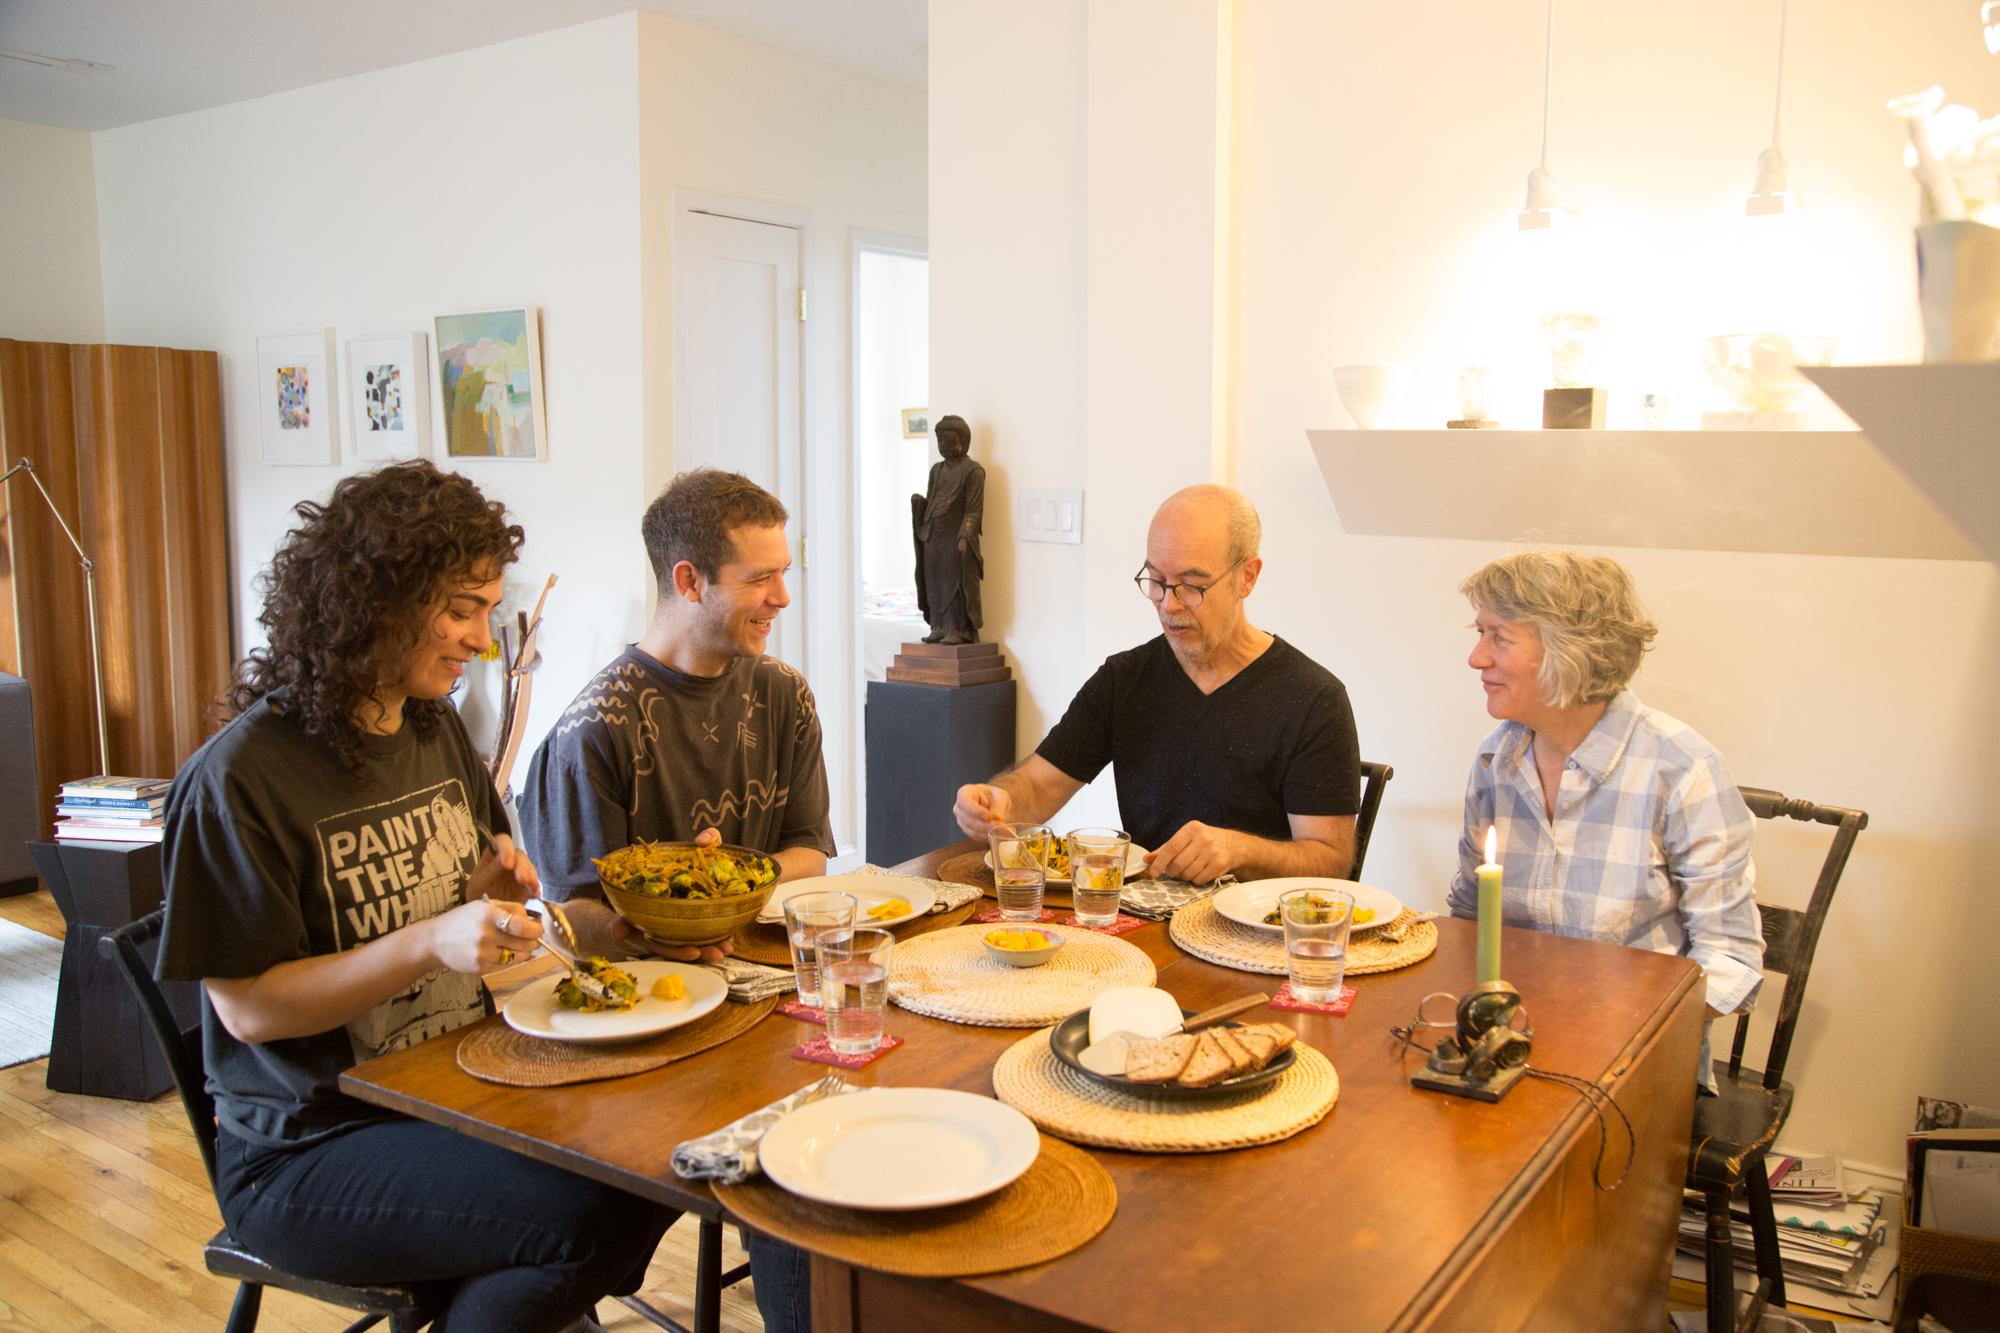 Marks' Family Salad